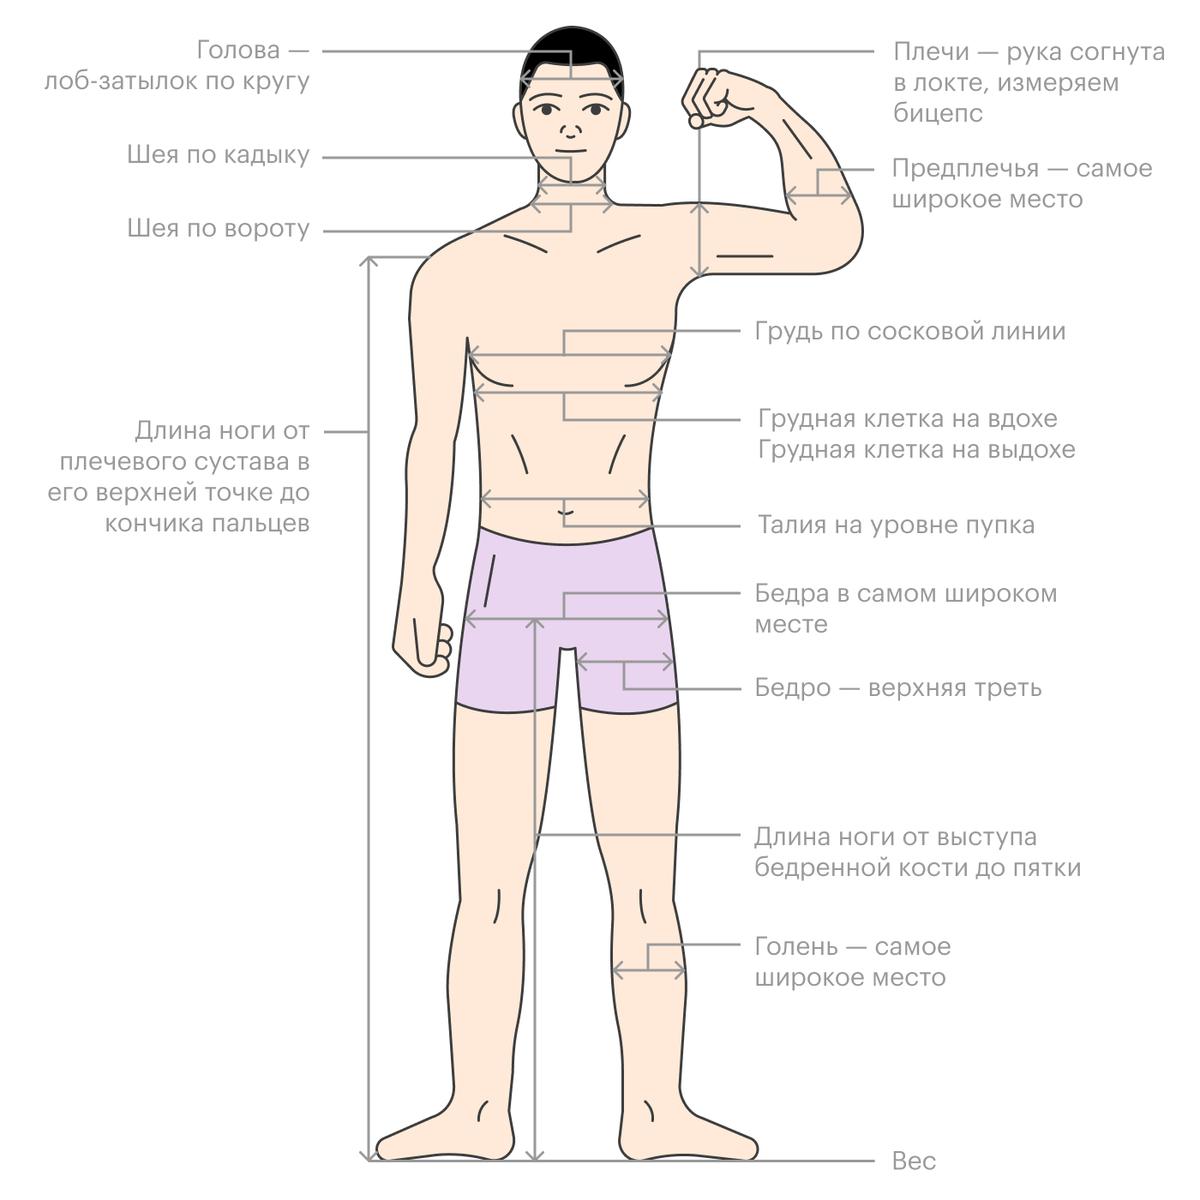 Замеры тела для отслеживания эффективности диеты